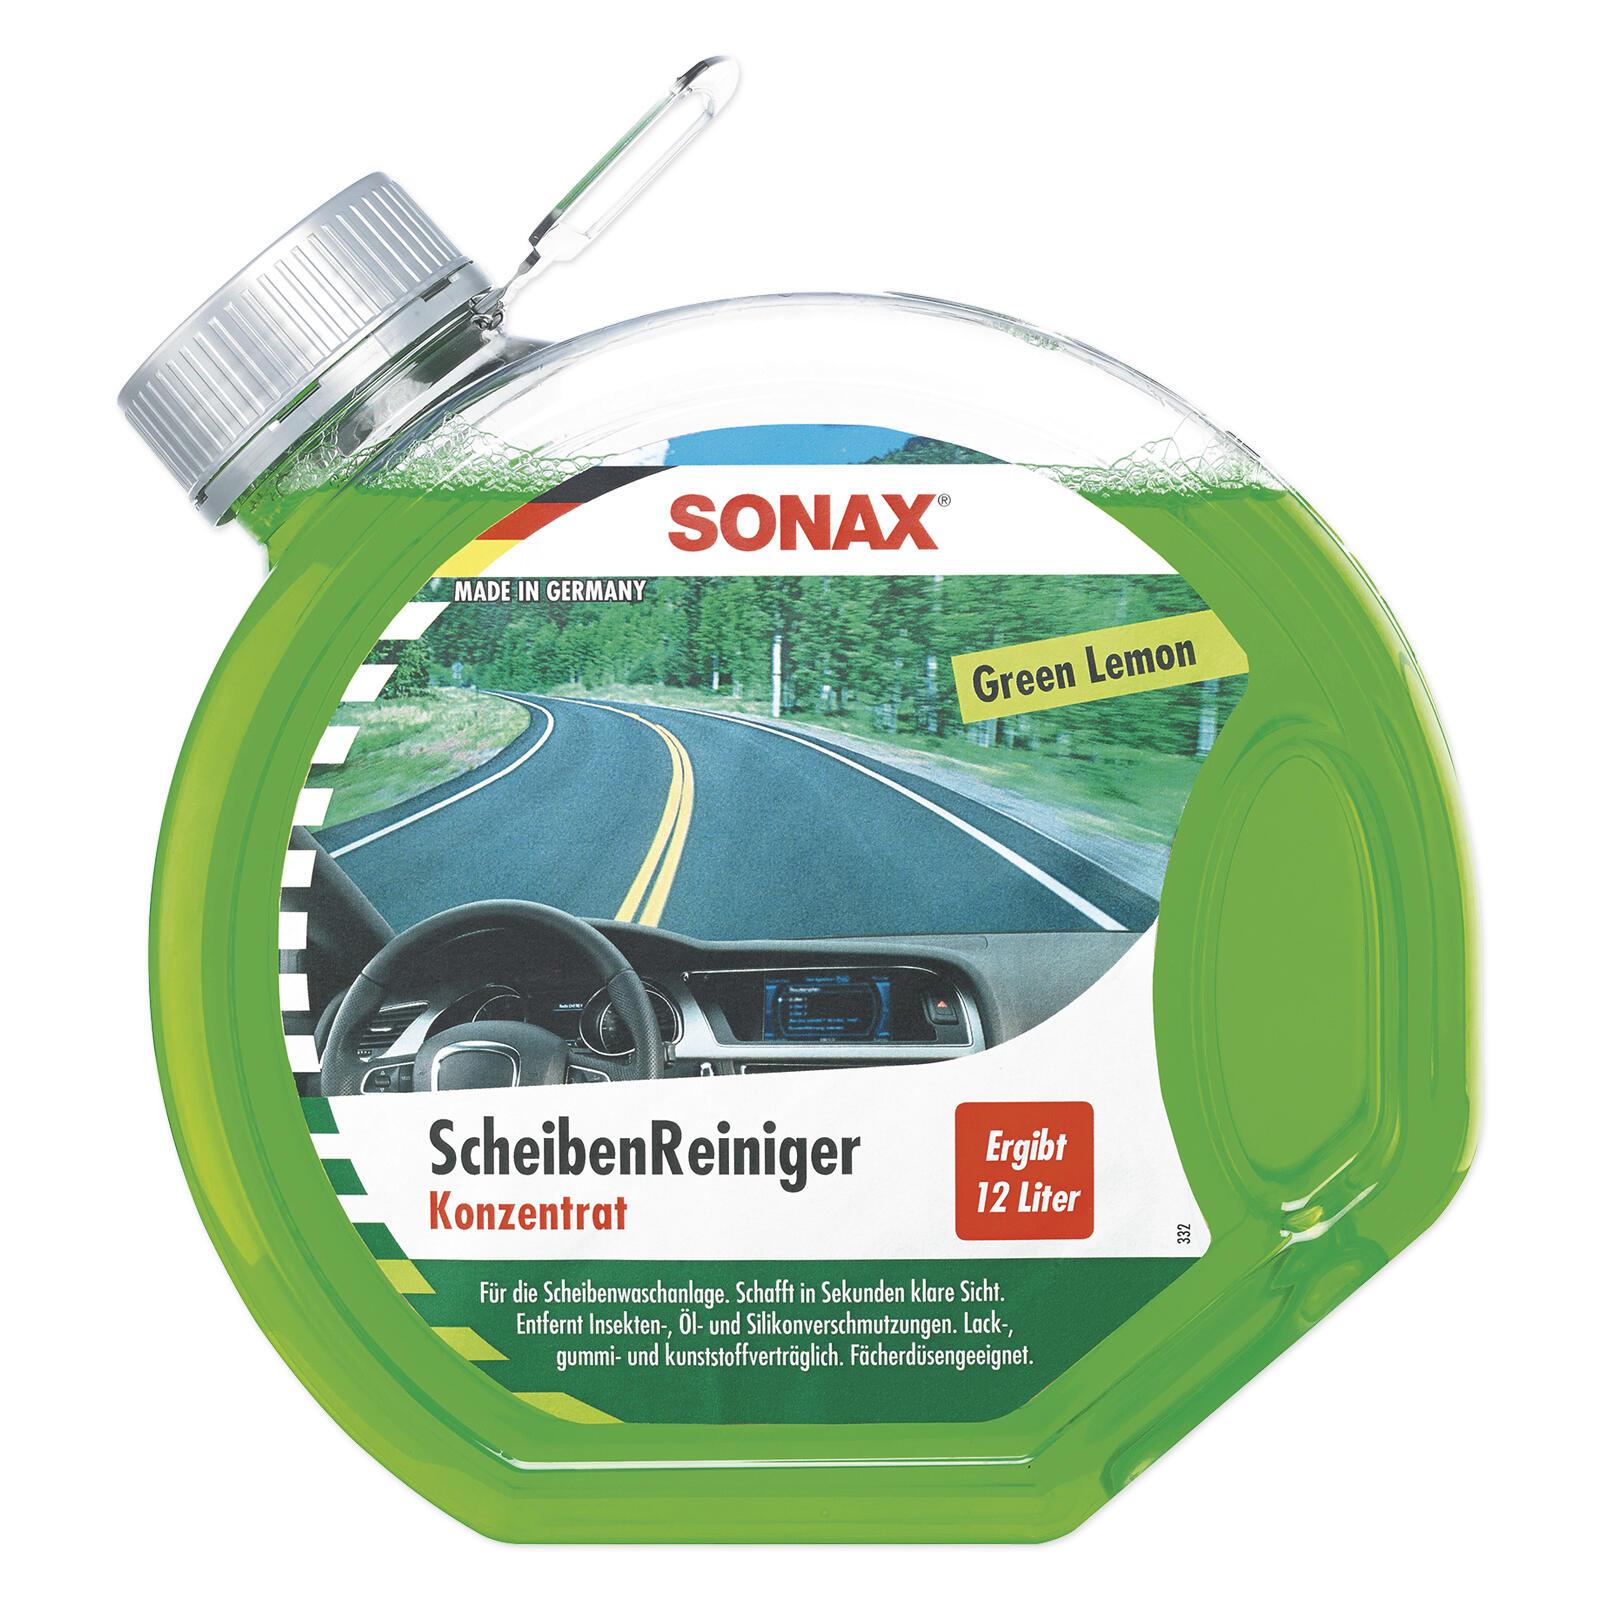 SONAX ScheibenReiniger Konzentrat Green Lemon 3l